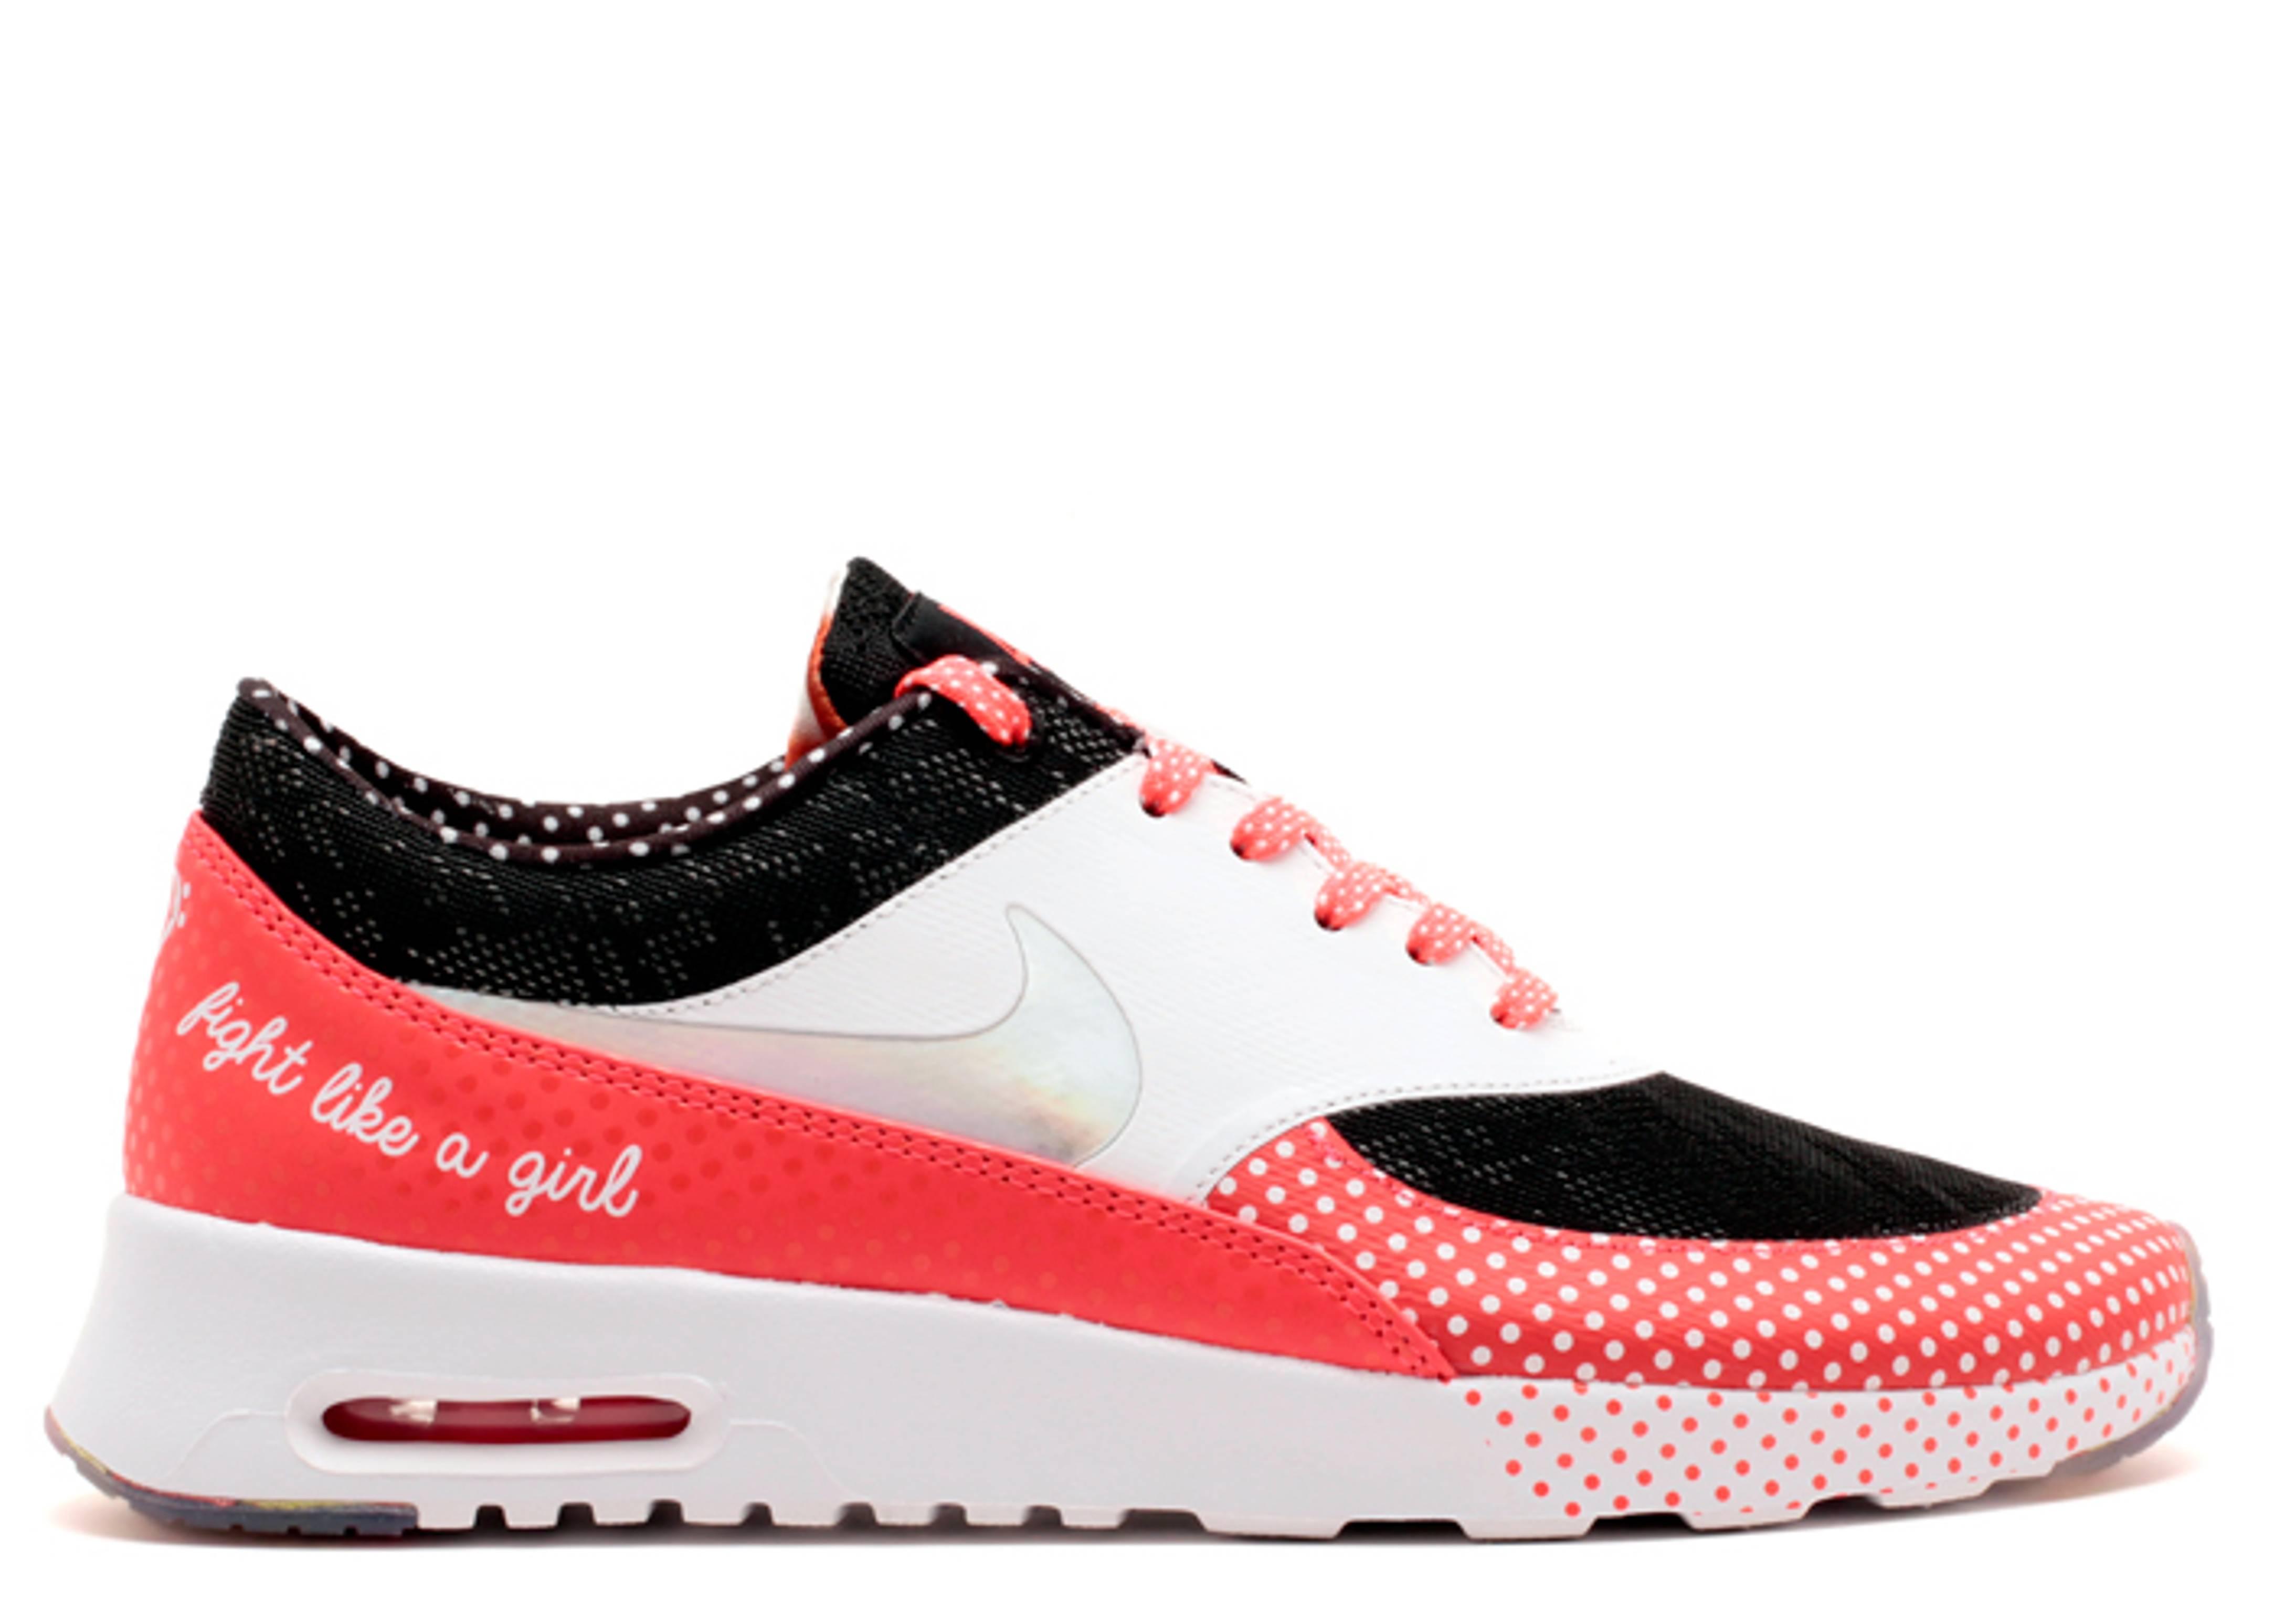 Nike Air Max Thea Sz 6 DB Wmns Doernbecher 1 Crimson 90 White